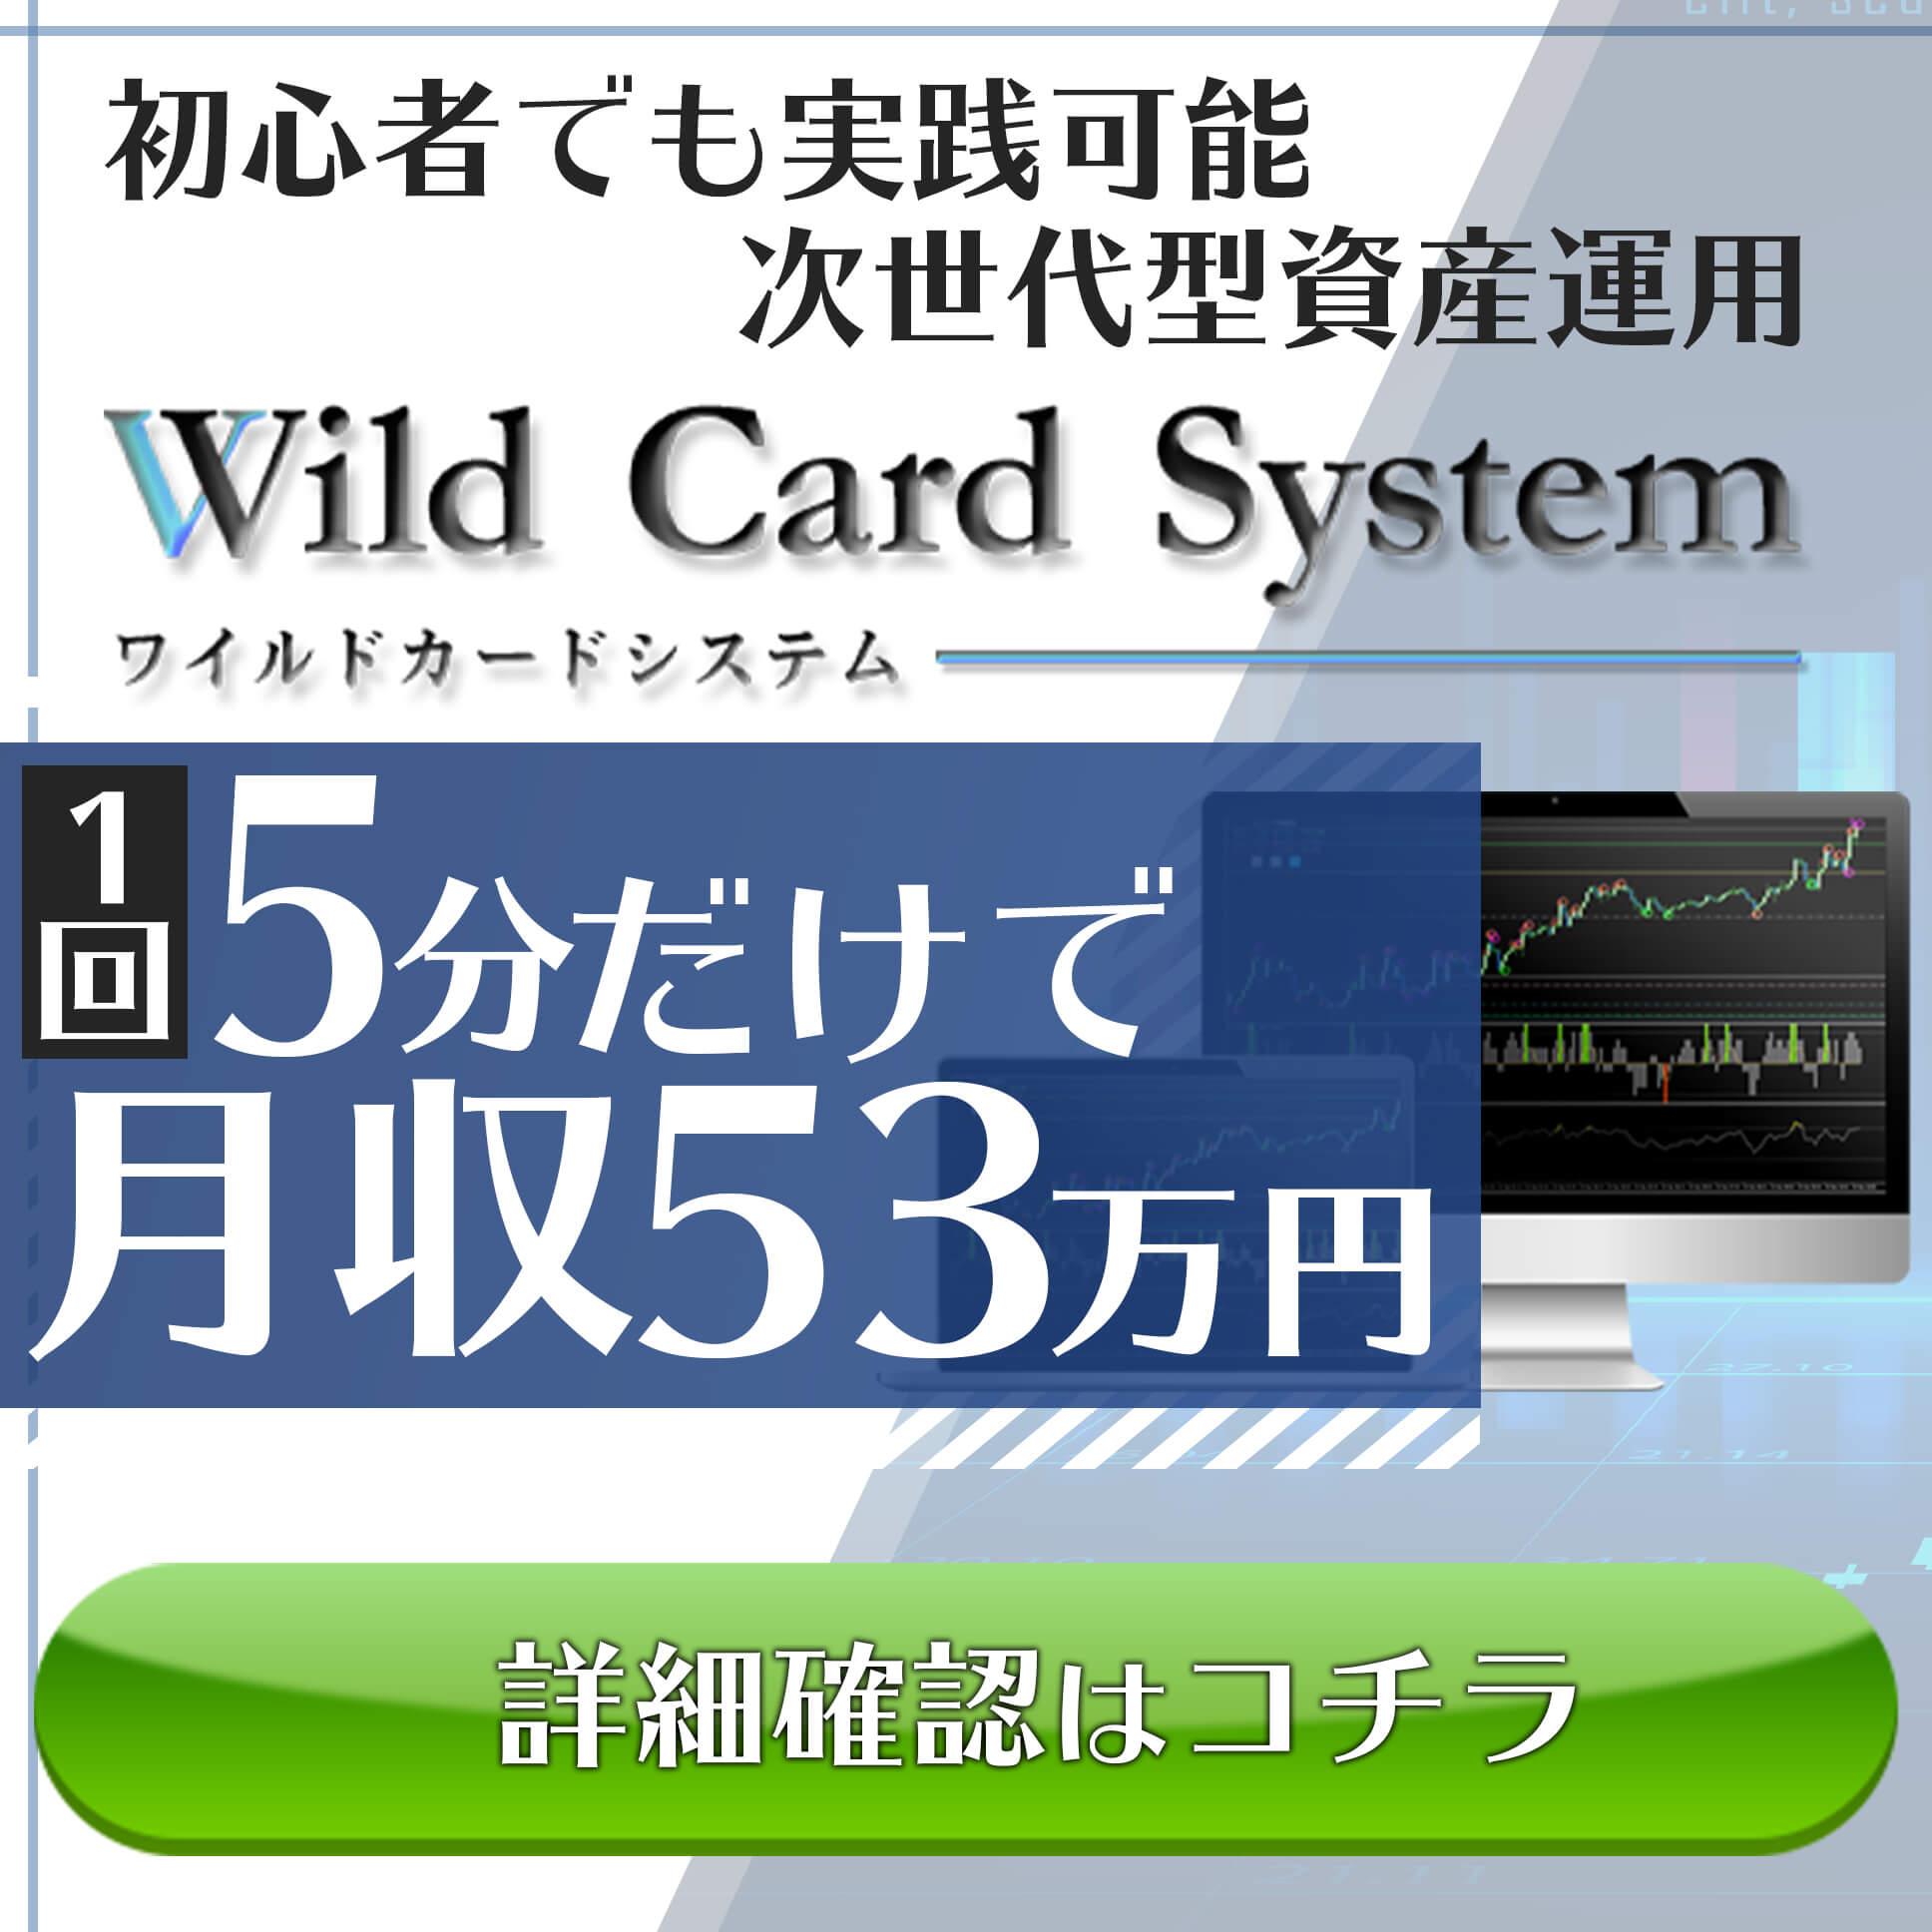 ワイルドカードシステムバナー